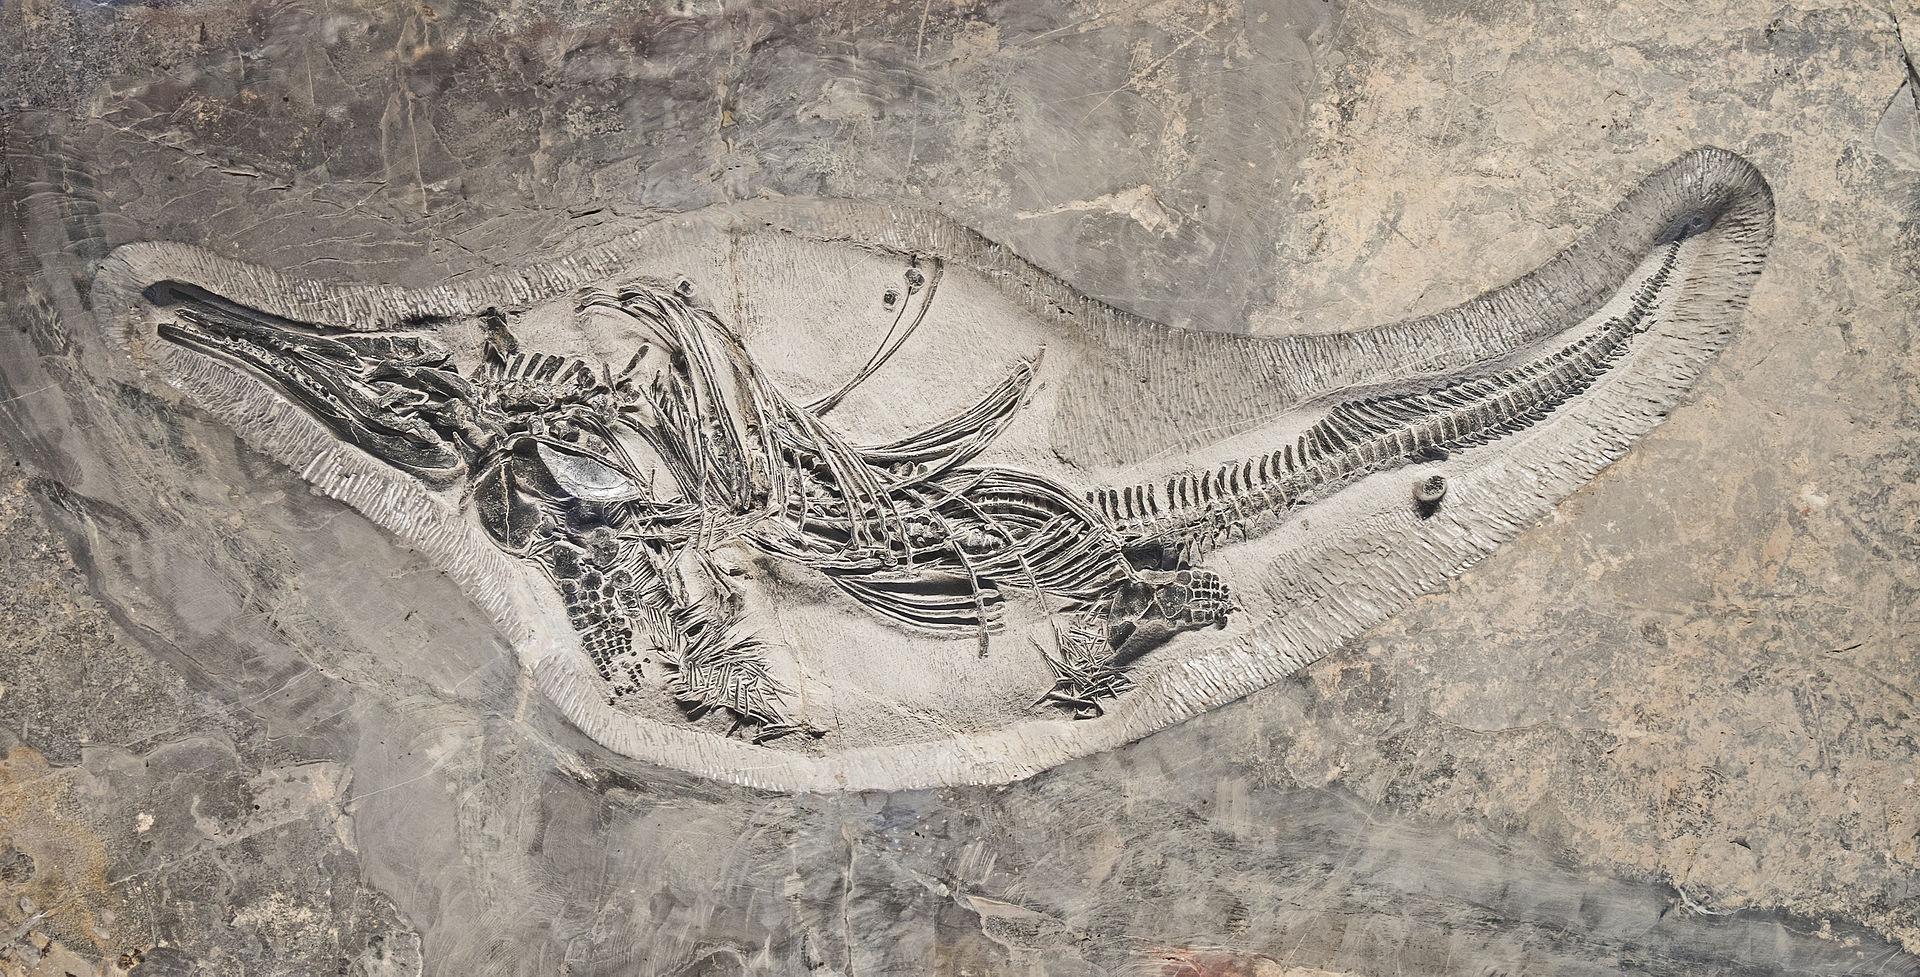 فسیل یا سنگواره ماهیخزنده باراکوداسائورویدس که در دوره تریاس میانه زندگی میکردهاست.